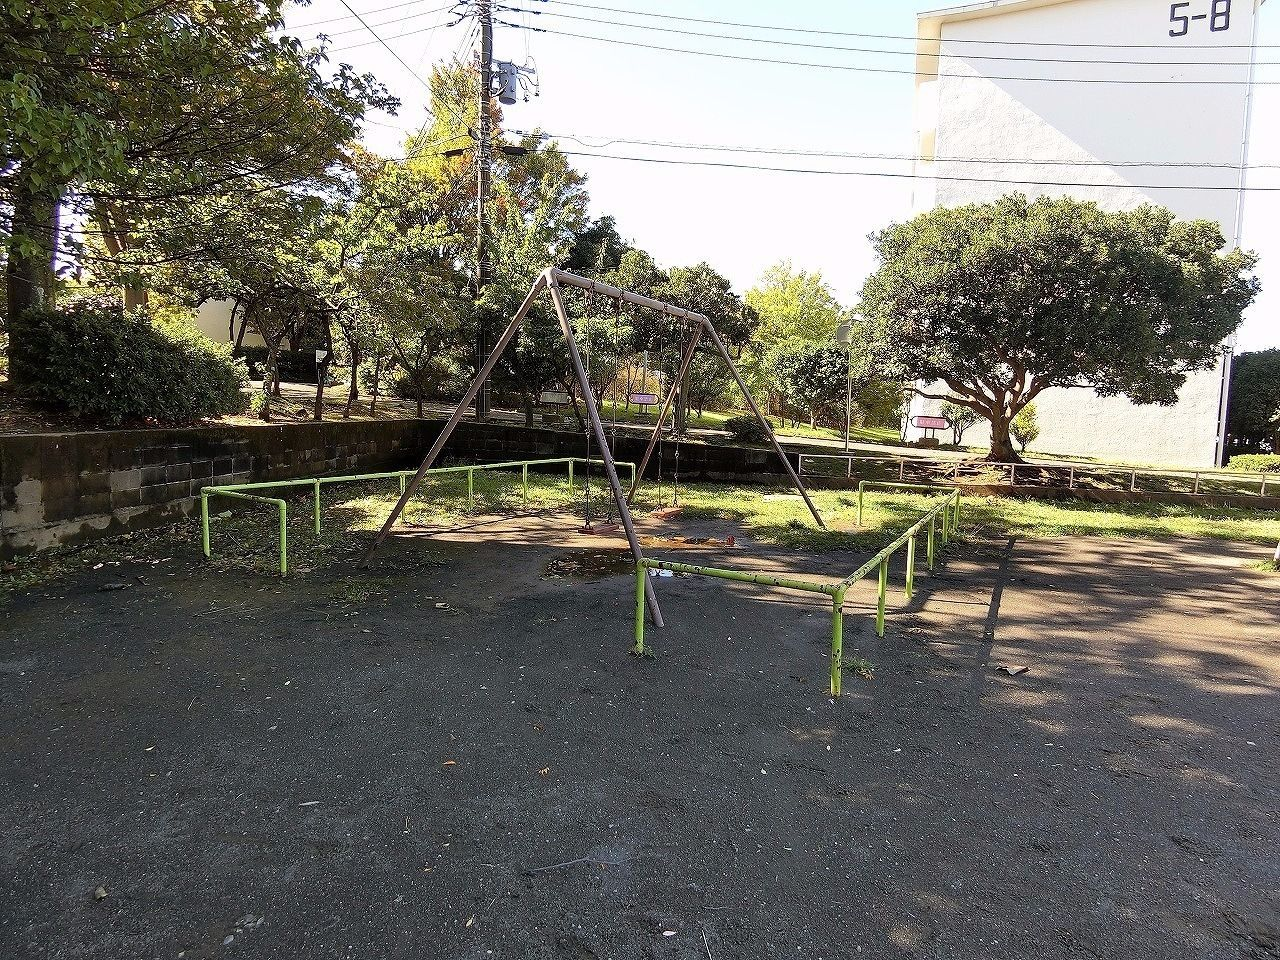 ドーナッツ公園・たまプラーザ団地(敷地内)ブランコ